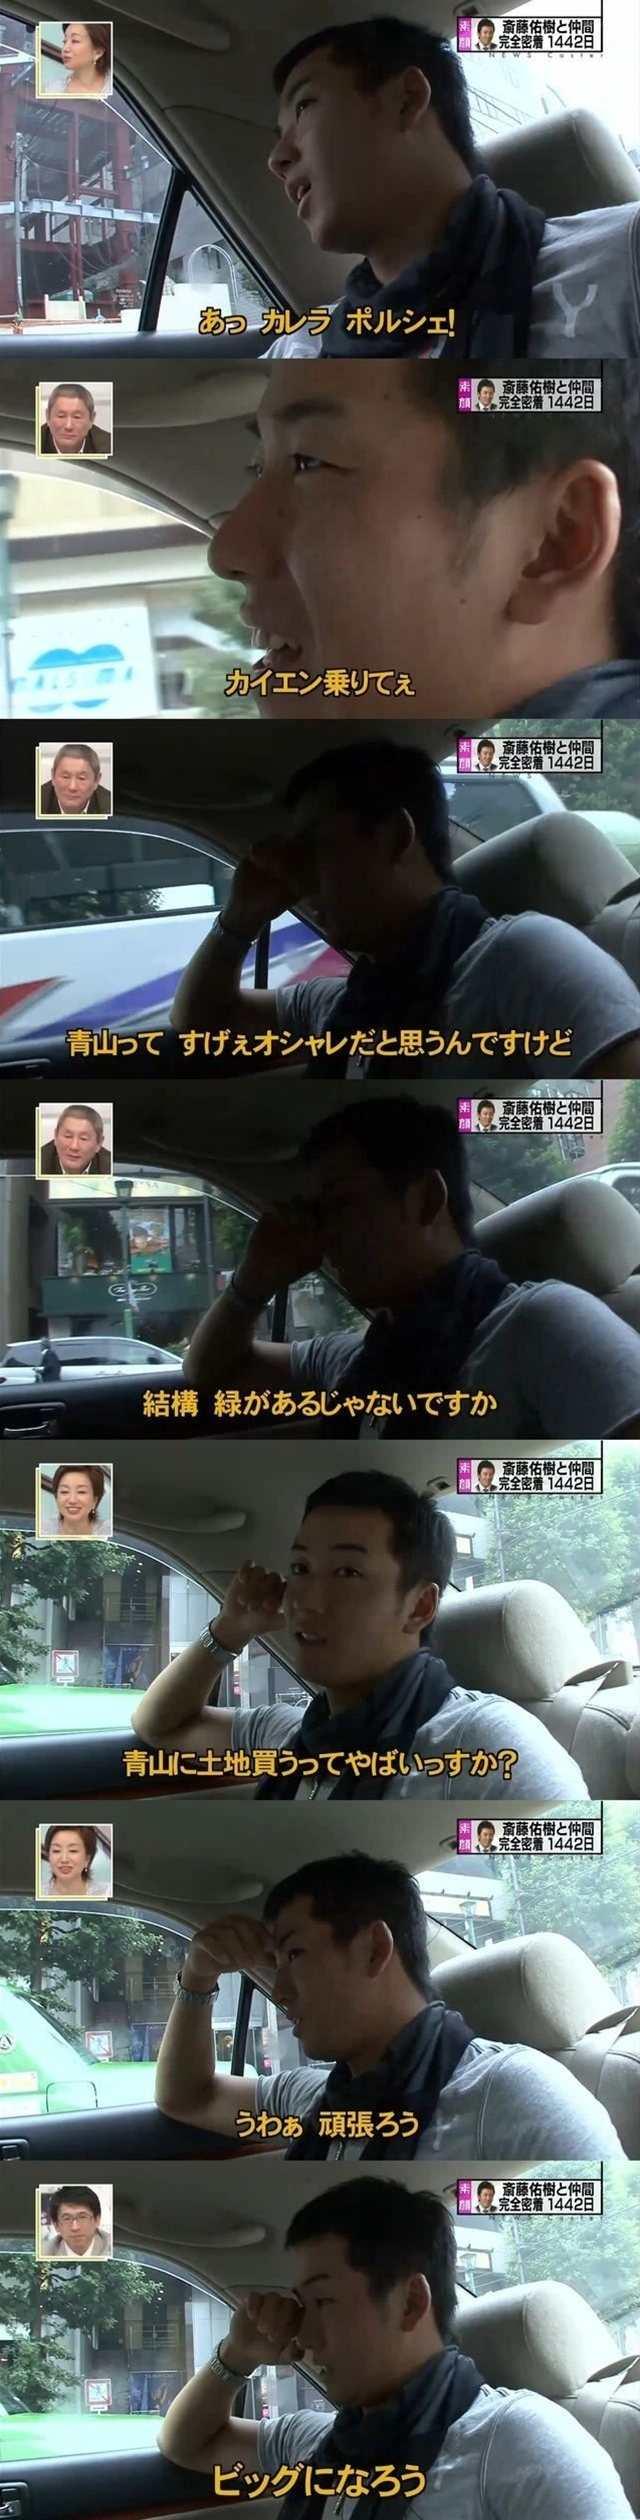 切ない・・・プロ野球選手、斎藤佑樹のドキュメンタリー番組が切なすぎます(笑)【面白画像】tvmovie_0016